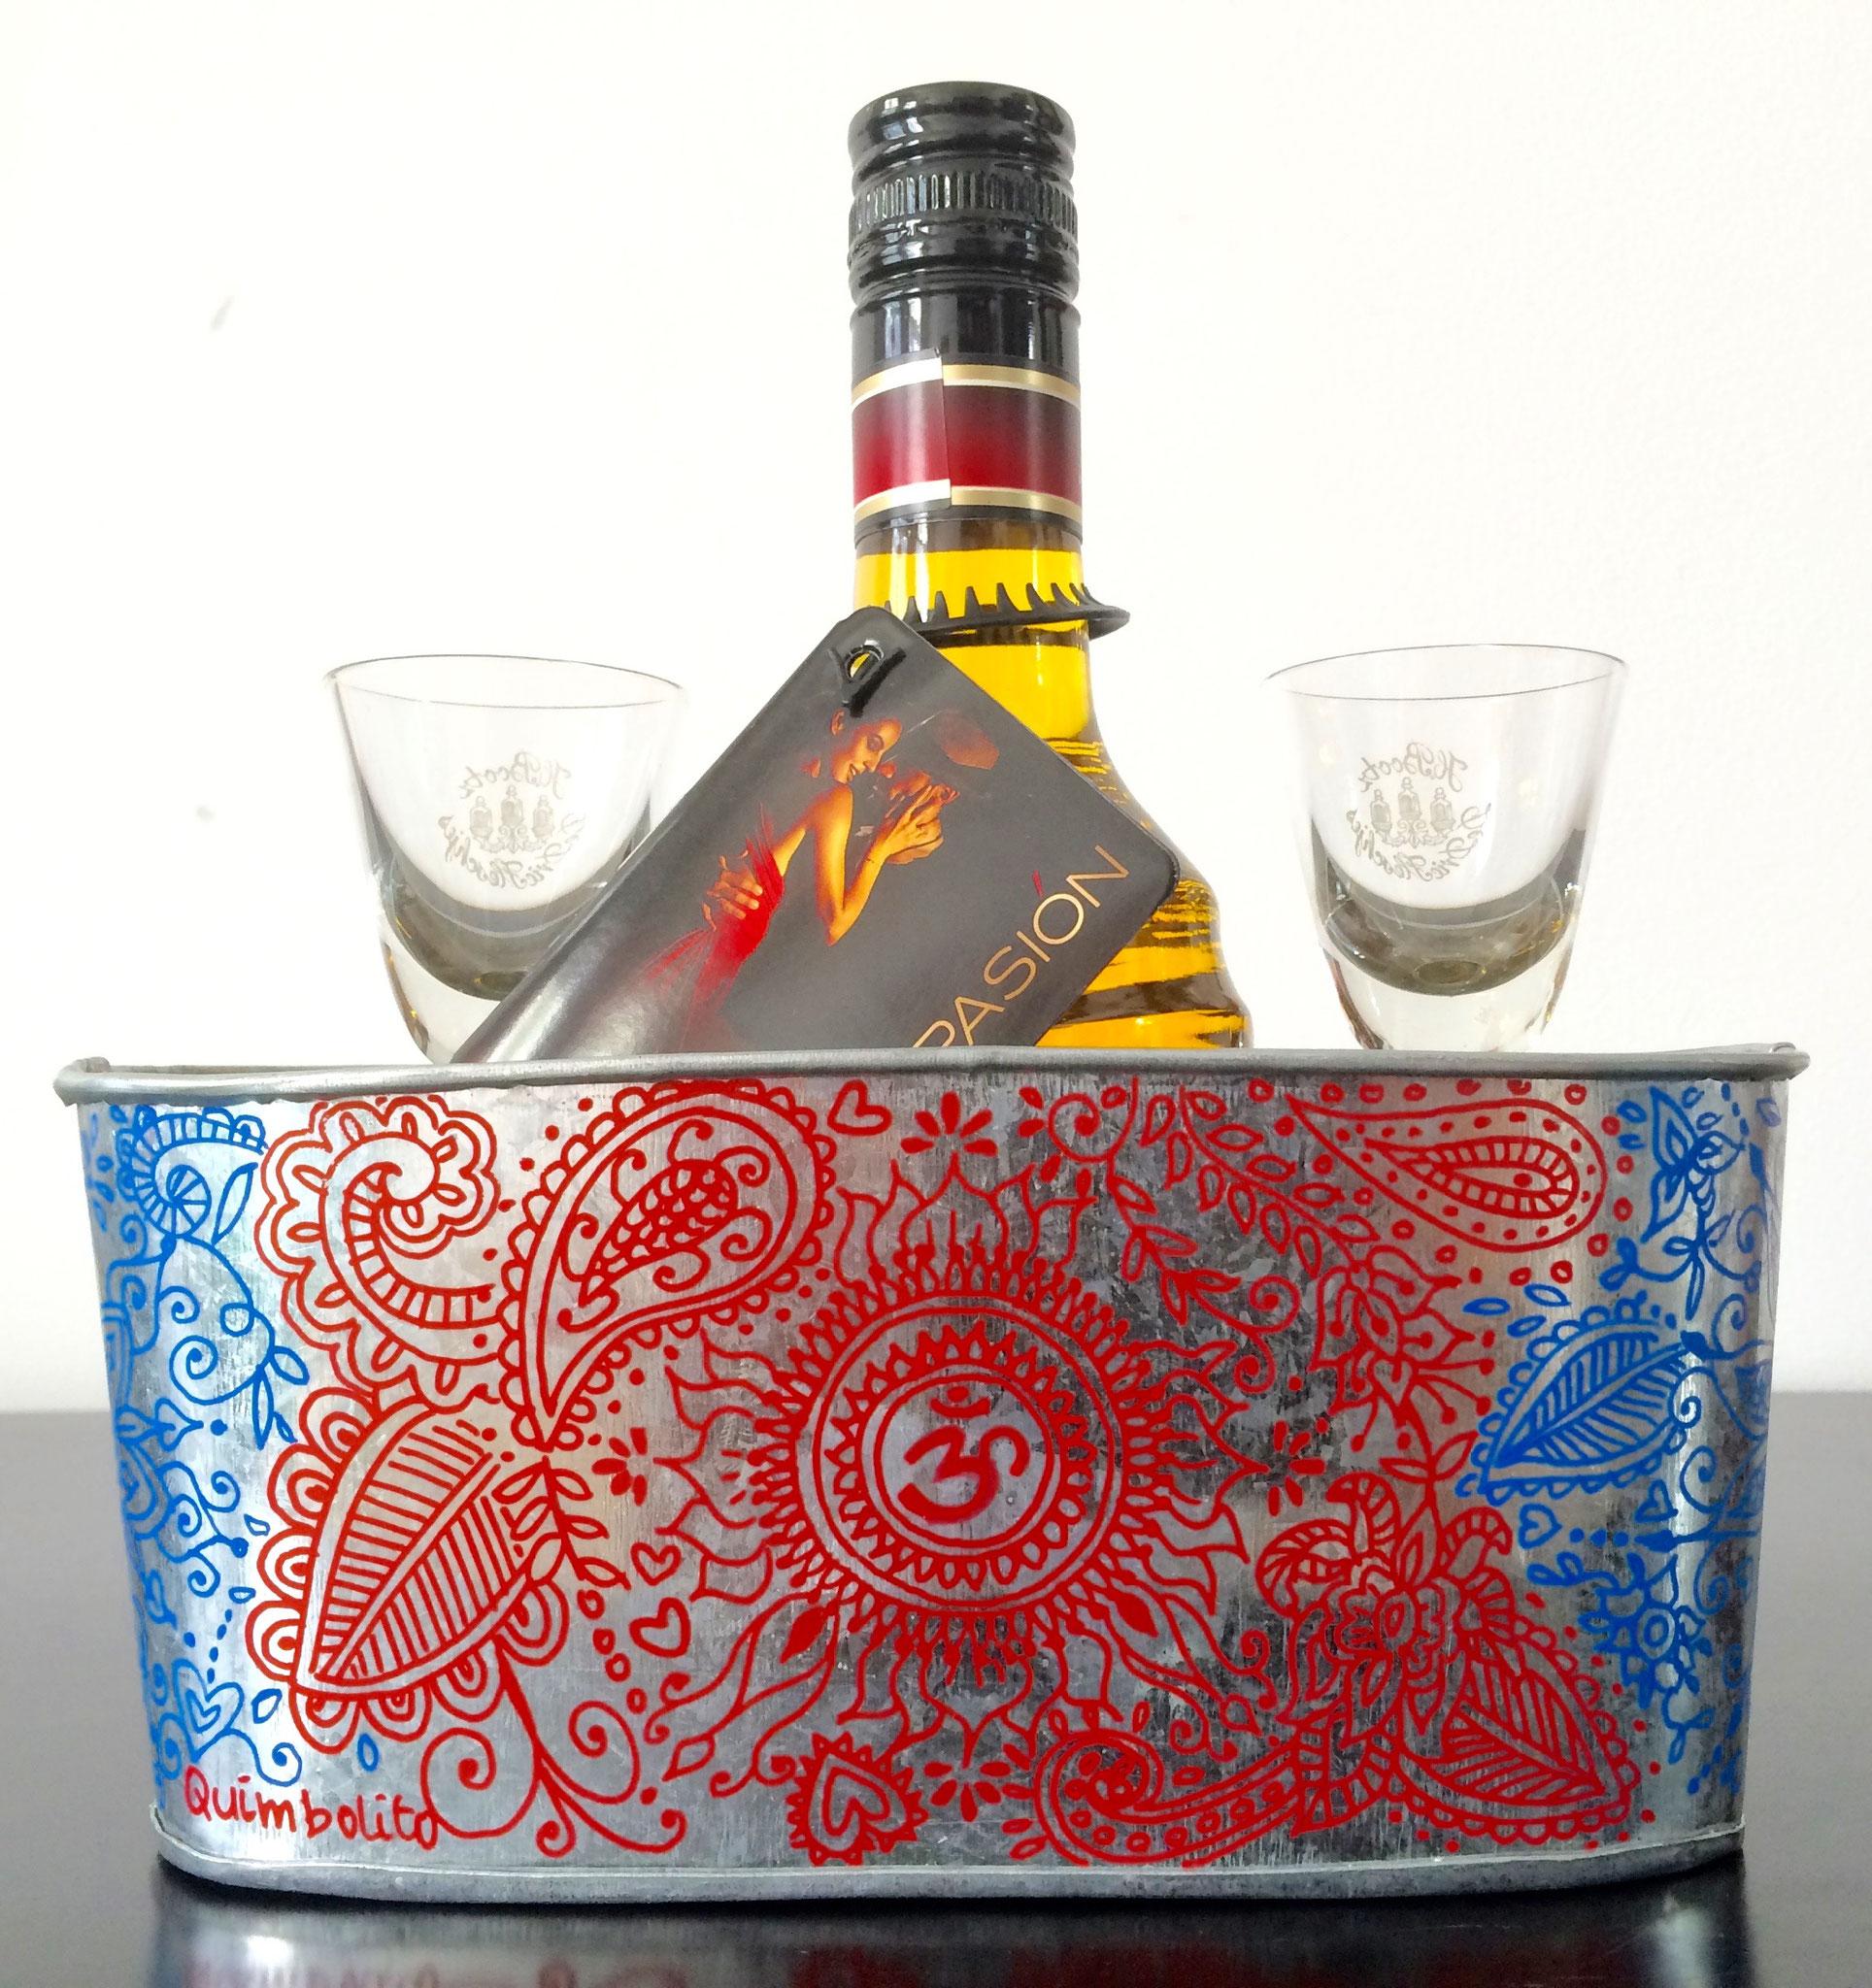 Likeurflesje met glaasjes in gedecoreerd metalen houder